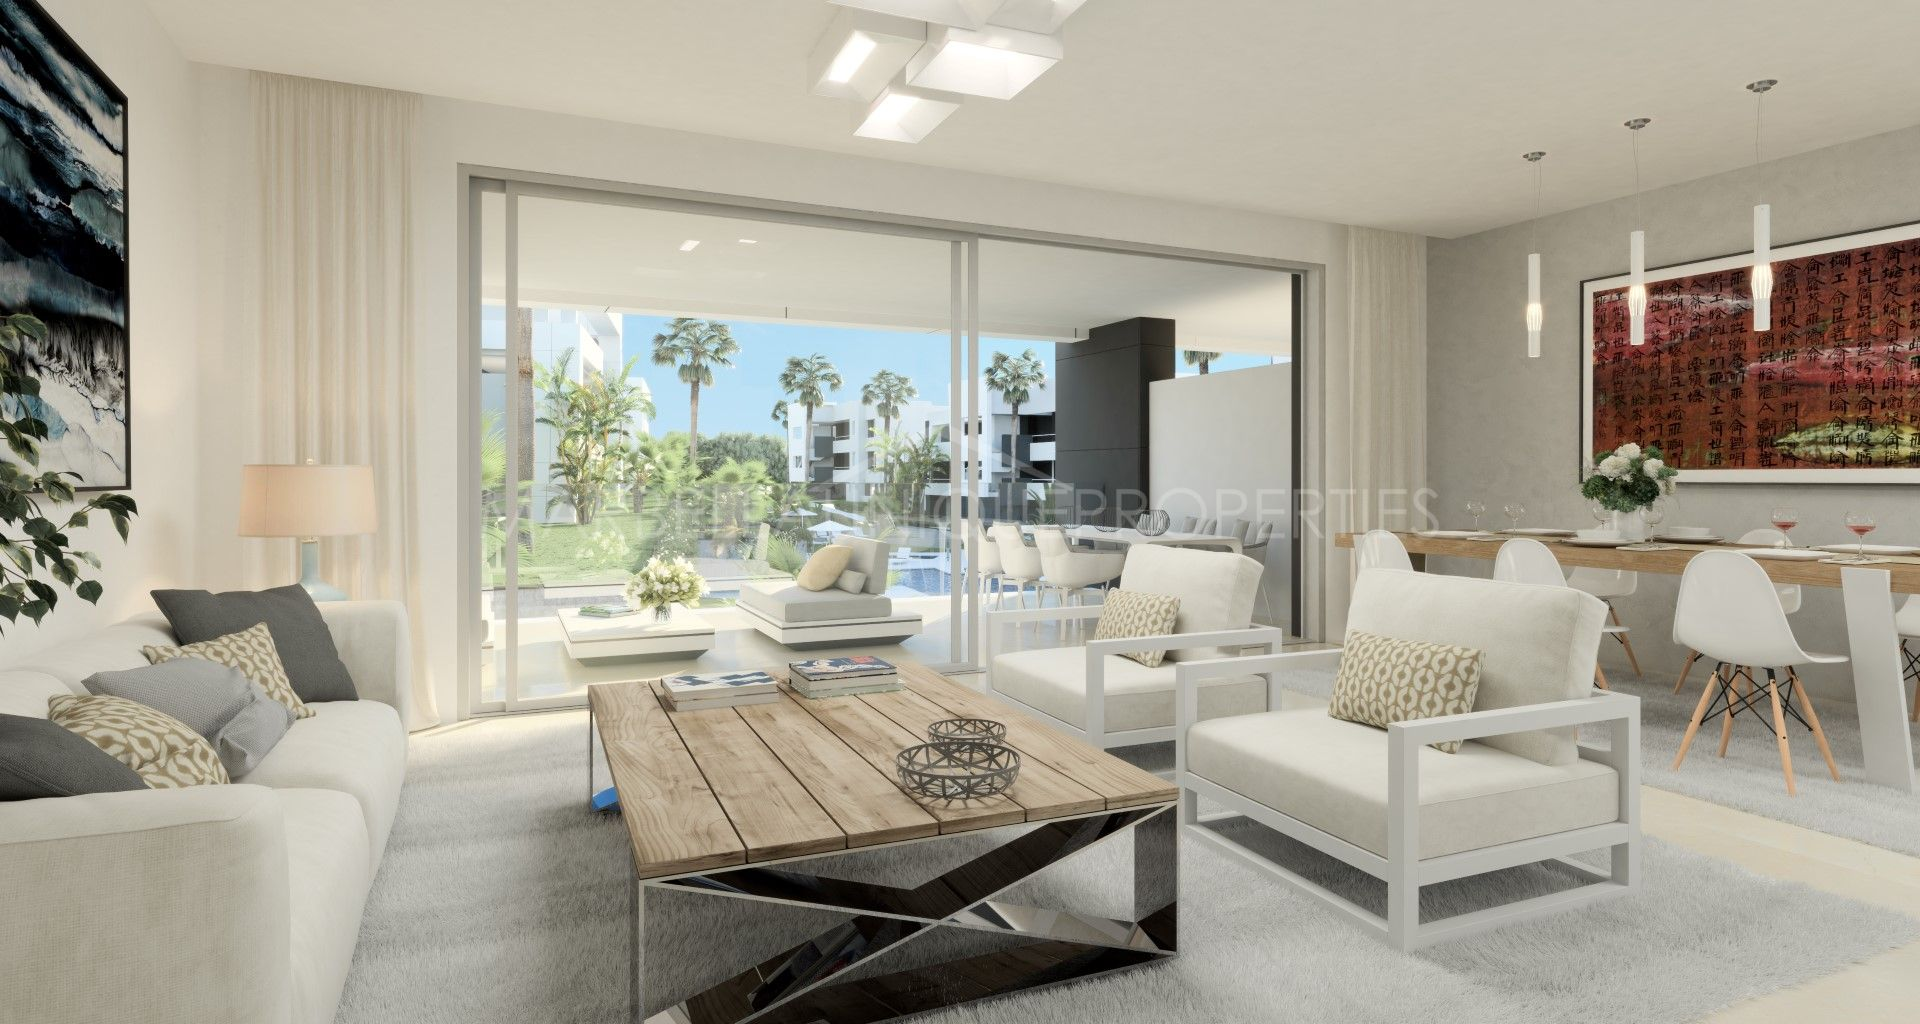 appartement rez de chauss e en vente selwo estepona. Black Bedroom Furniture Sets. Home Design Ideas